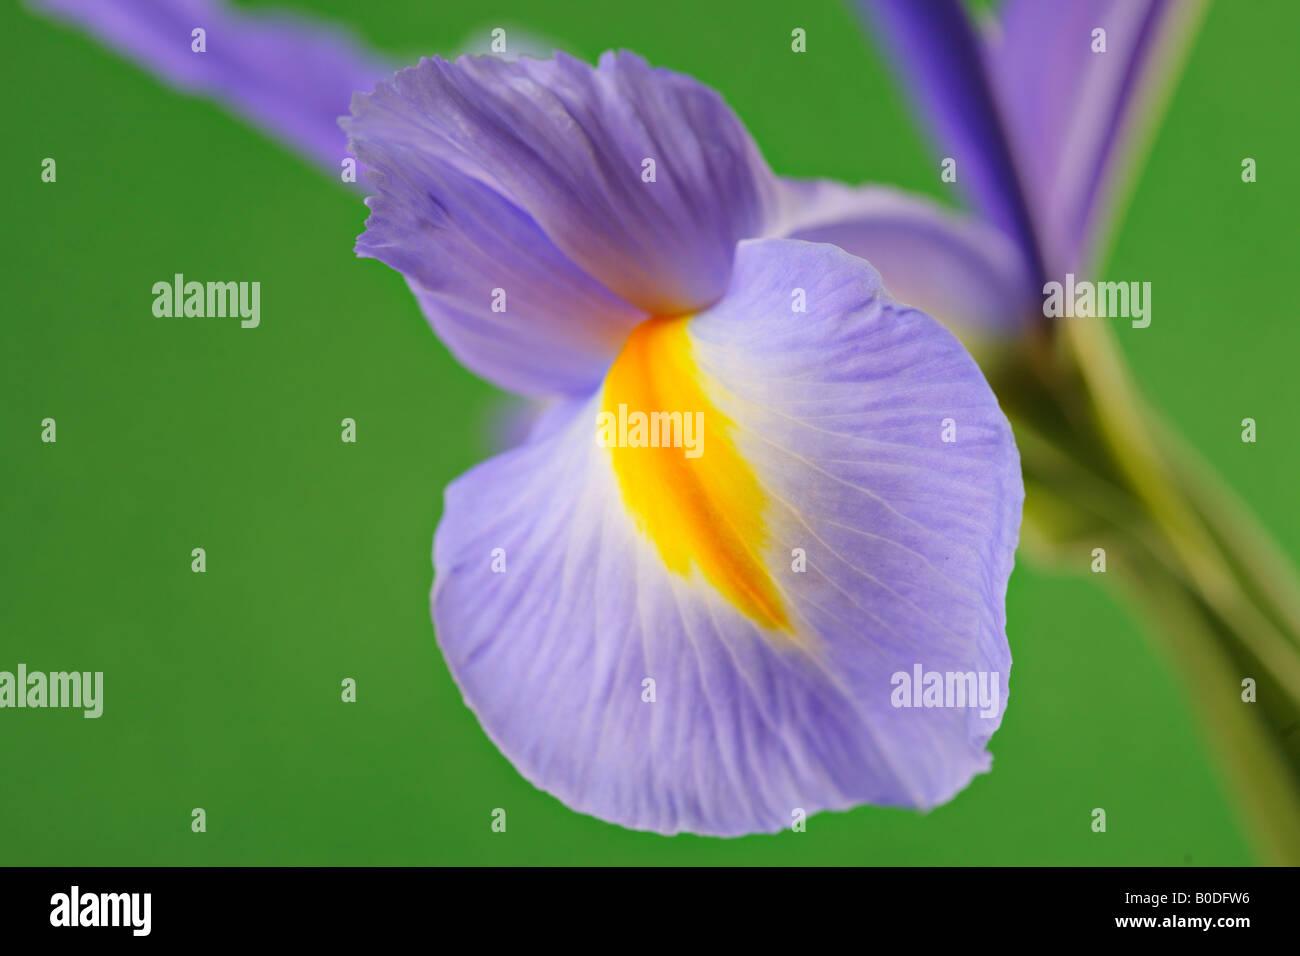 Iris flower bud stock photos iris flower bud stock images alamy iris flower stock image izmirmasajfo